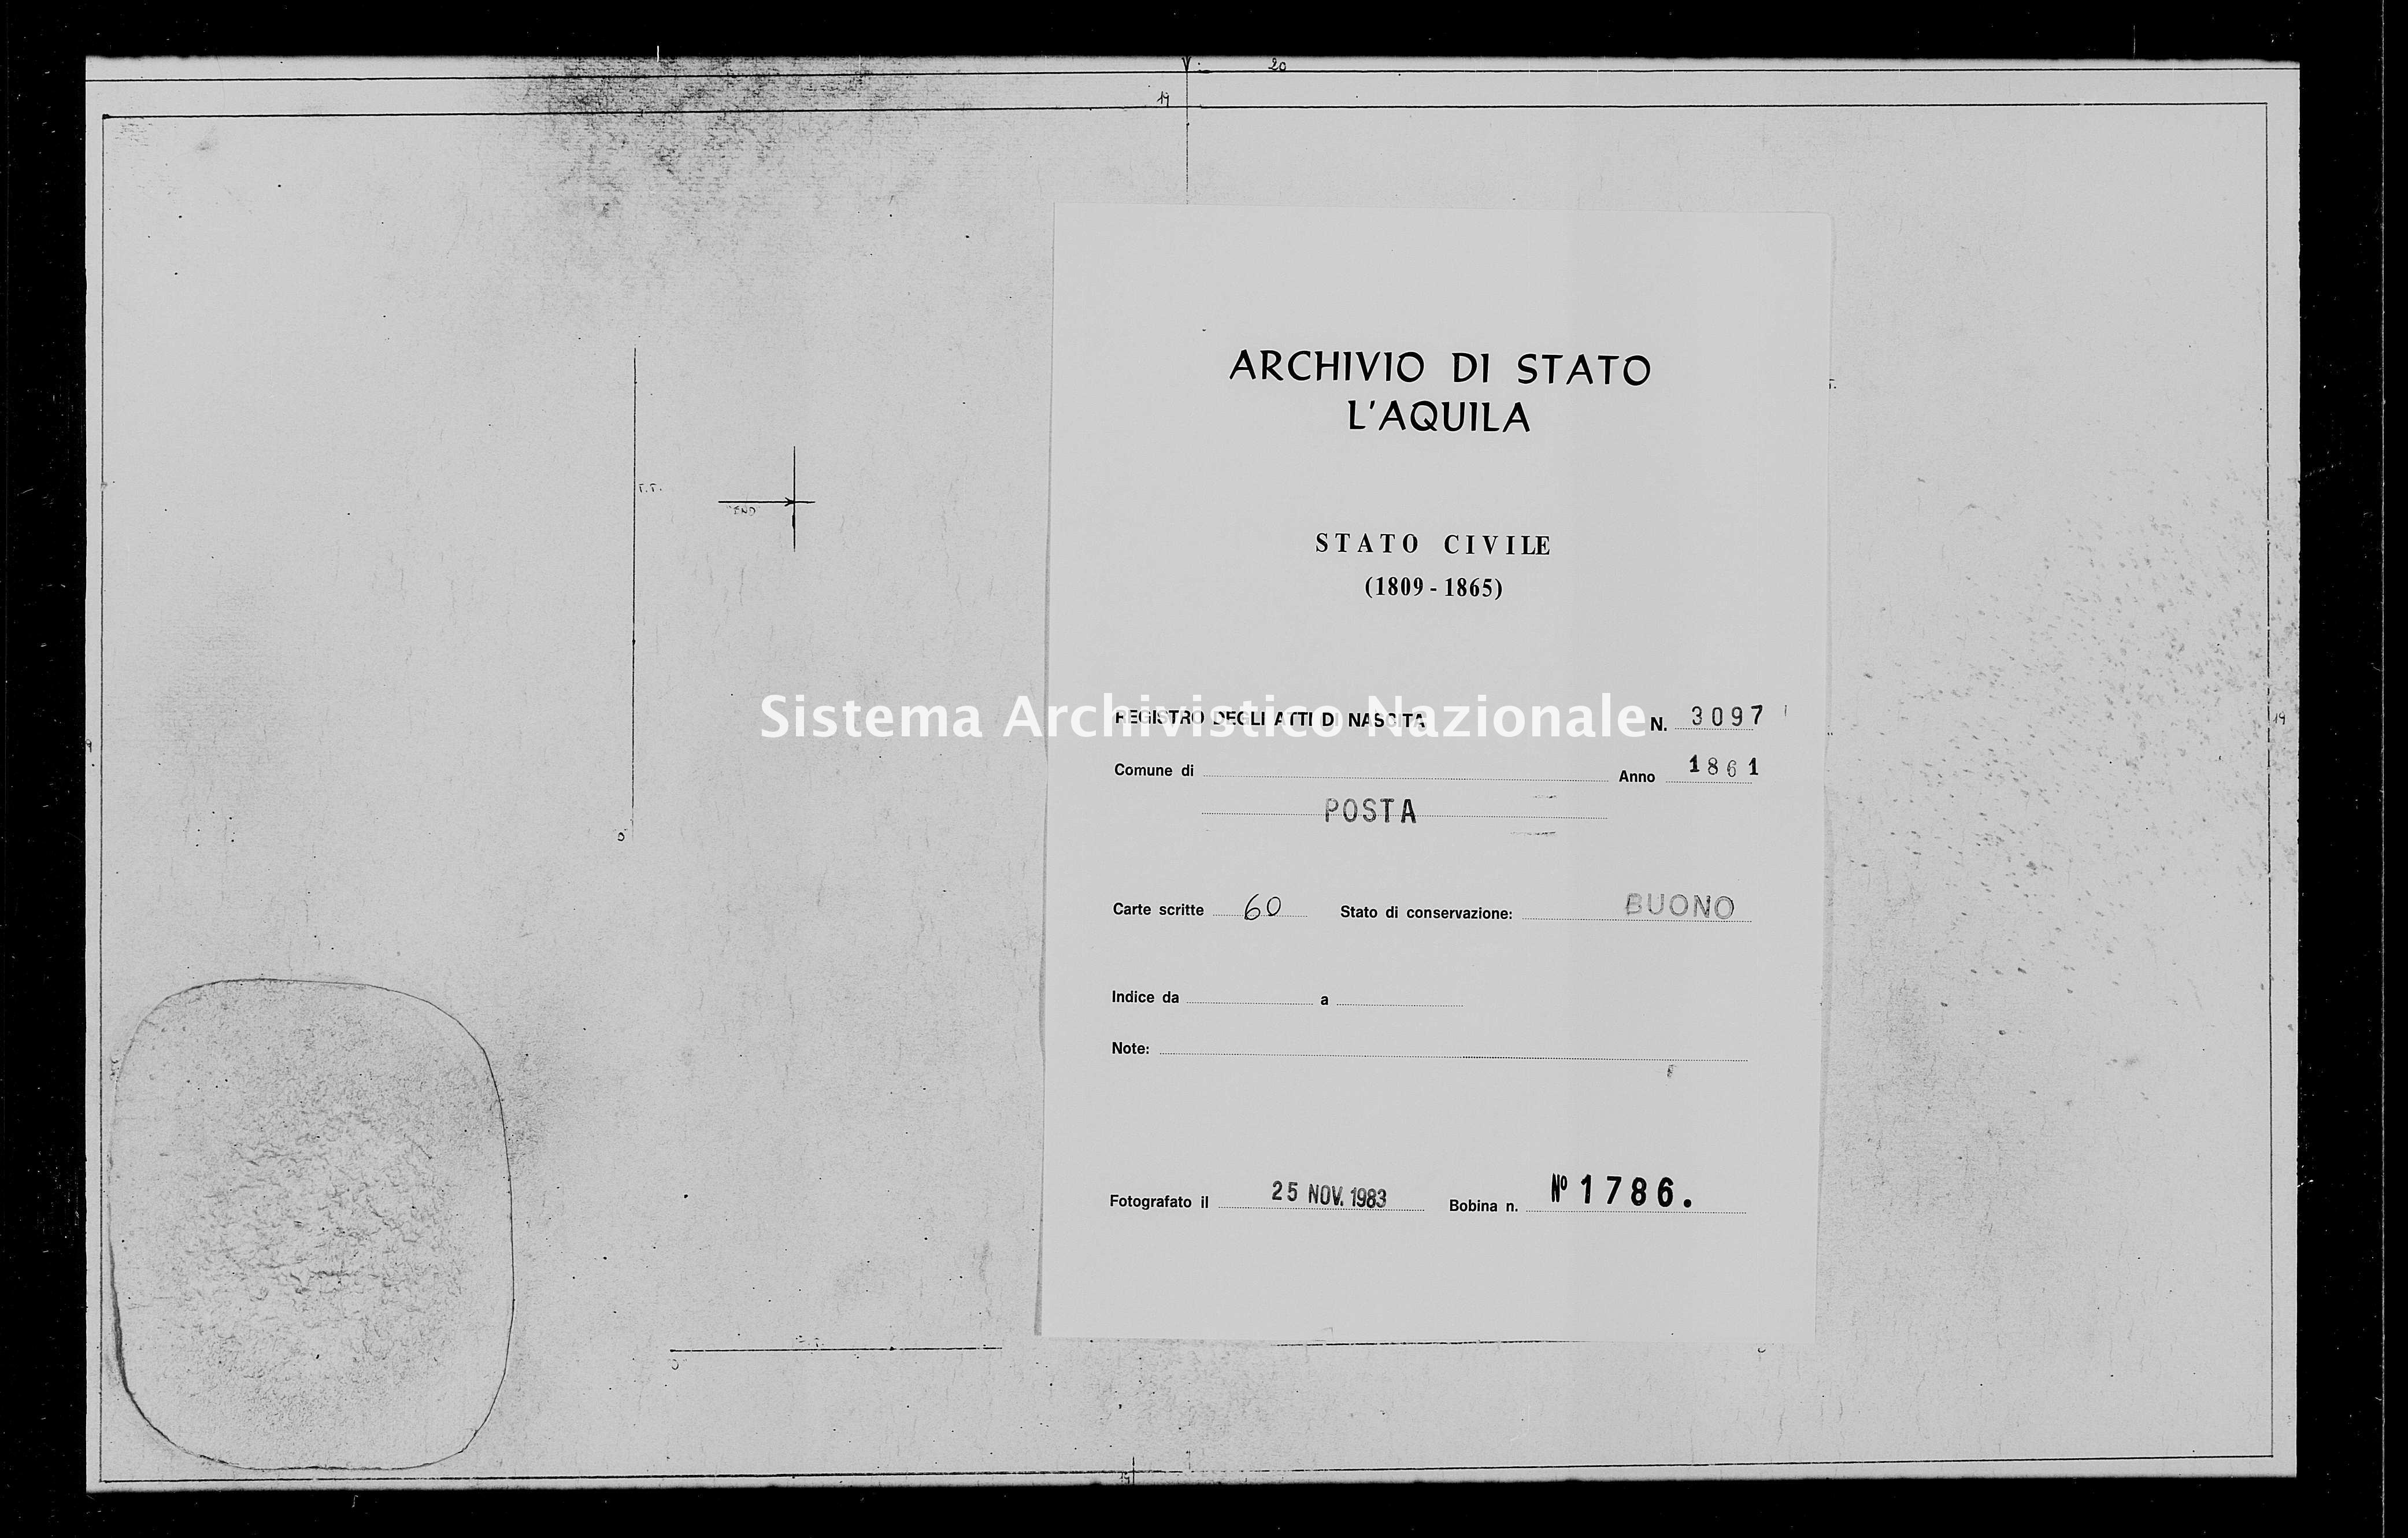 Archivio di stato di L'aquila - Stato civile italiano - Posta - Nati, battesimi - 1861 - 3097 -